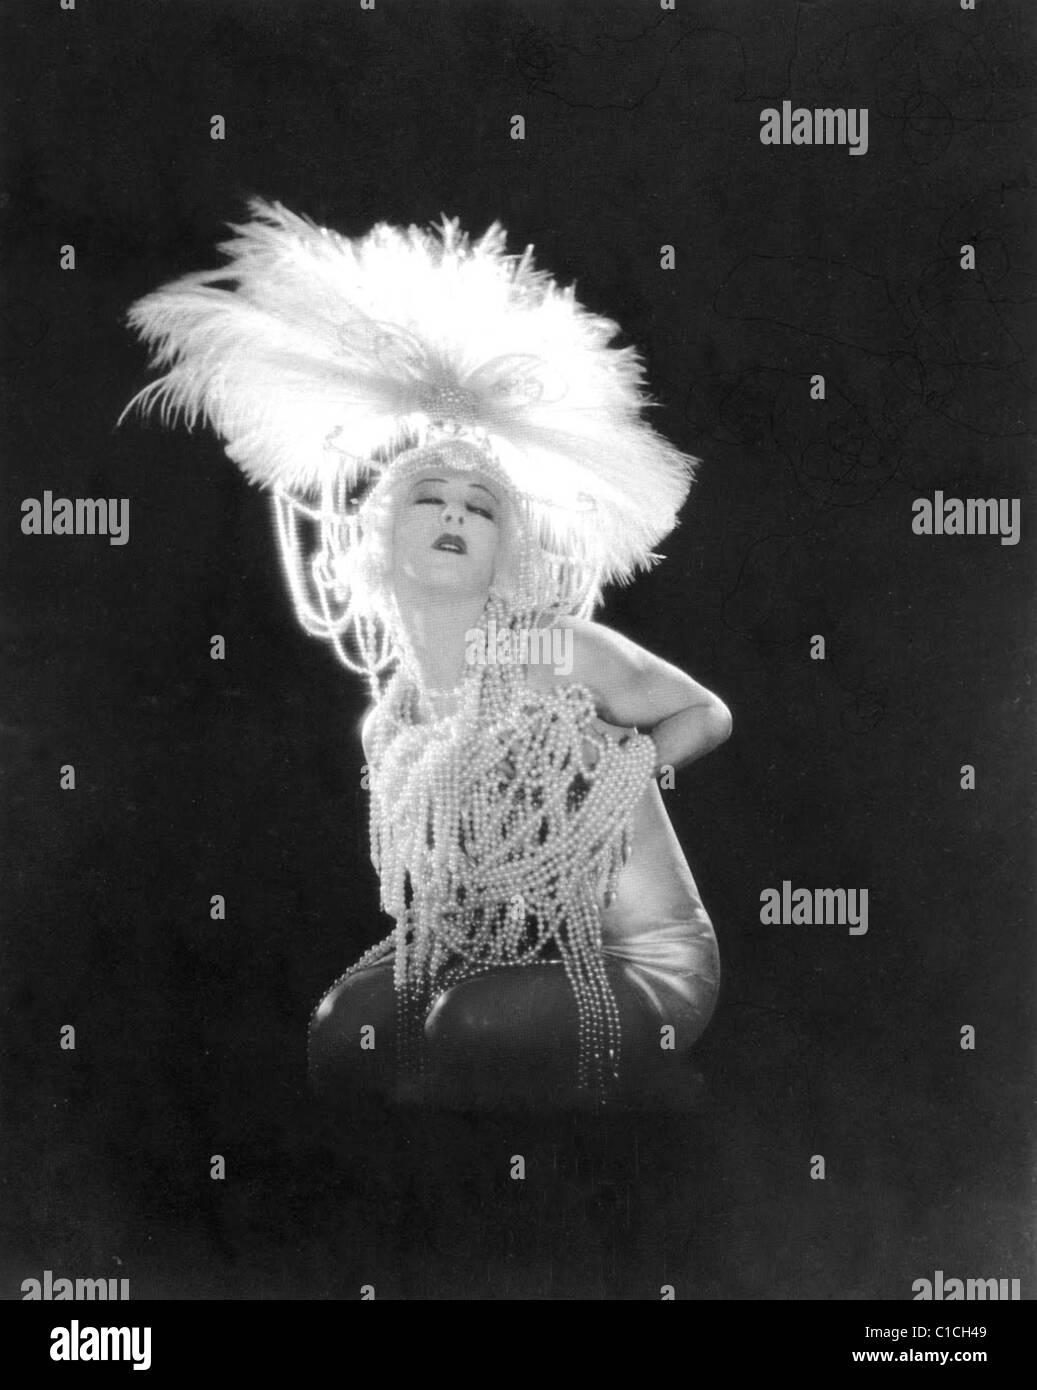 ALLA NAZIMOVA (1879-1945) (PORTRAIT) 001 MOVIESTORE COLLECTION LTD - Stock Image